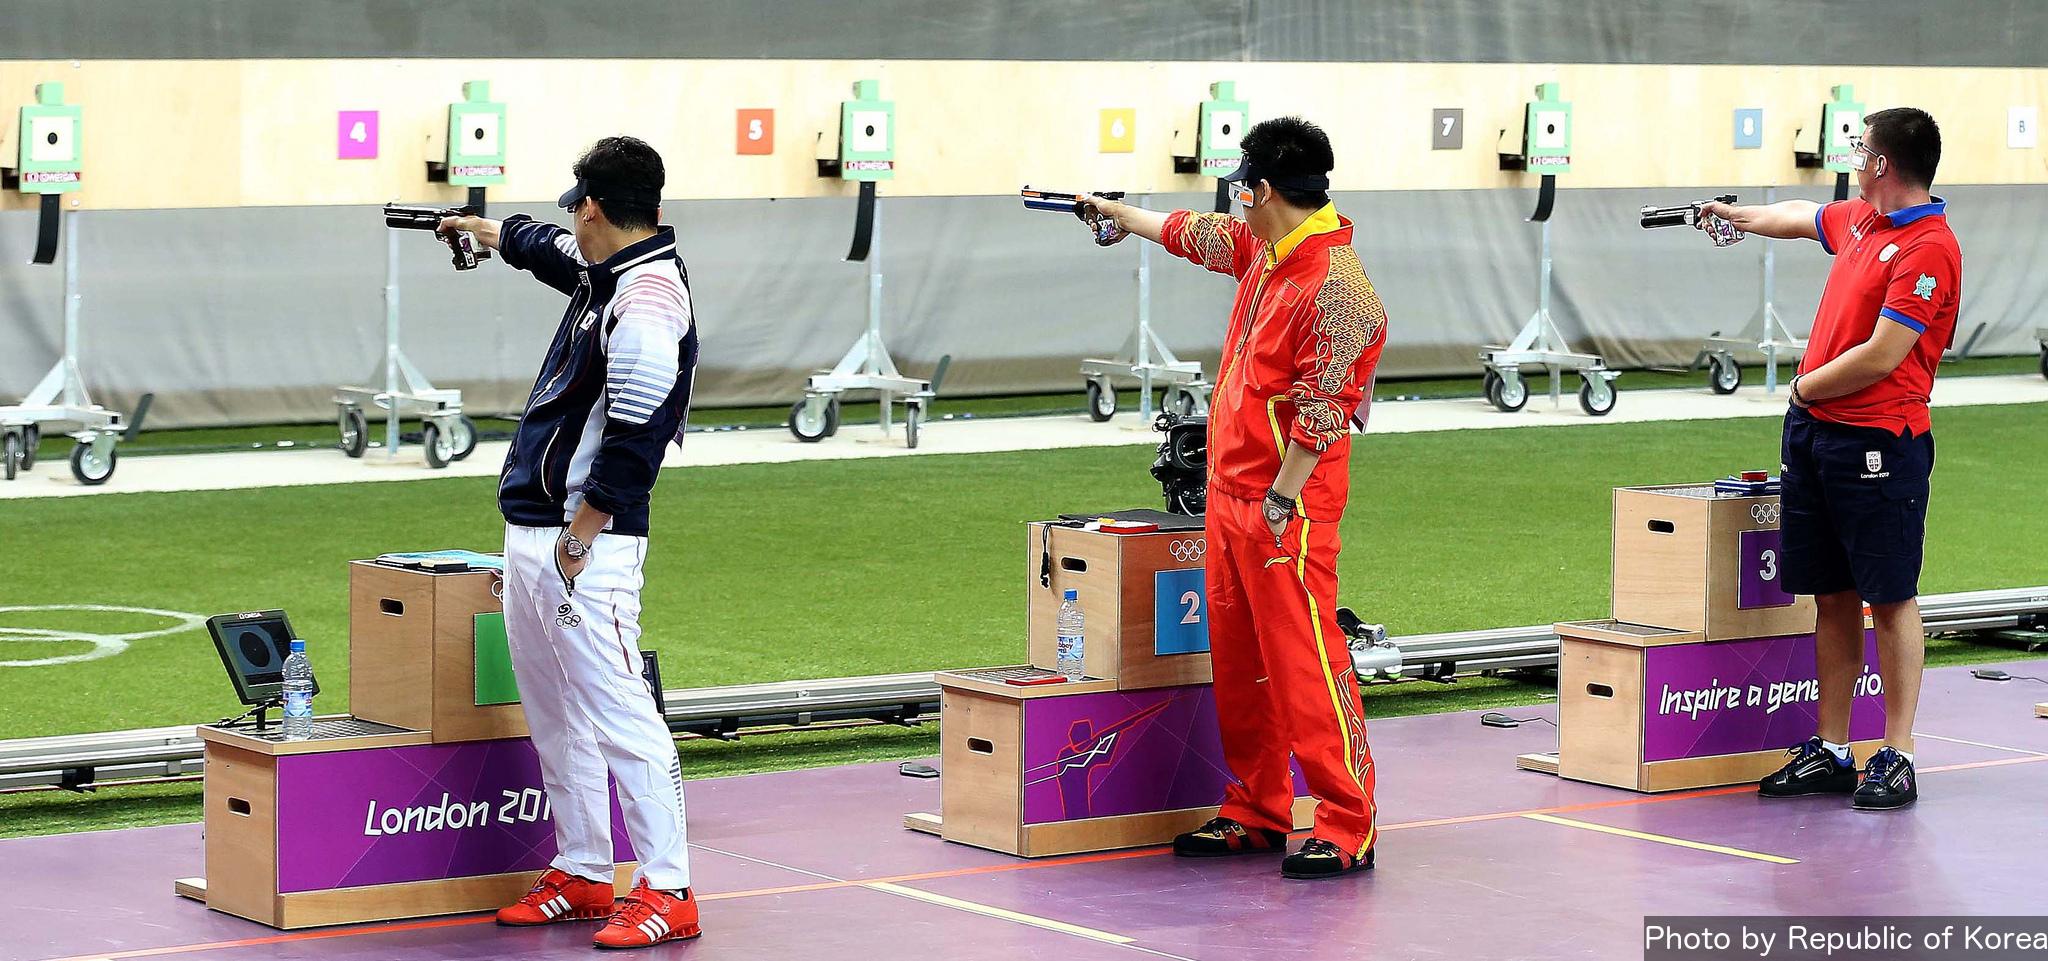 全国各地で体験会も開催中!射撃競技はメンタルの強さが勝負の鍵